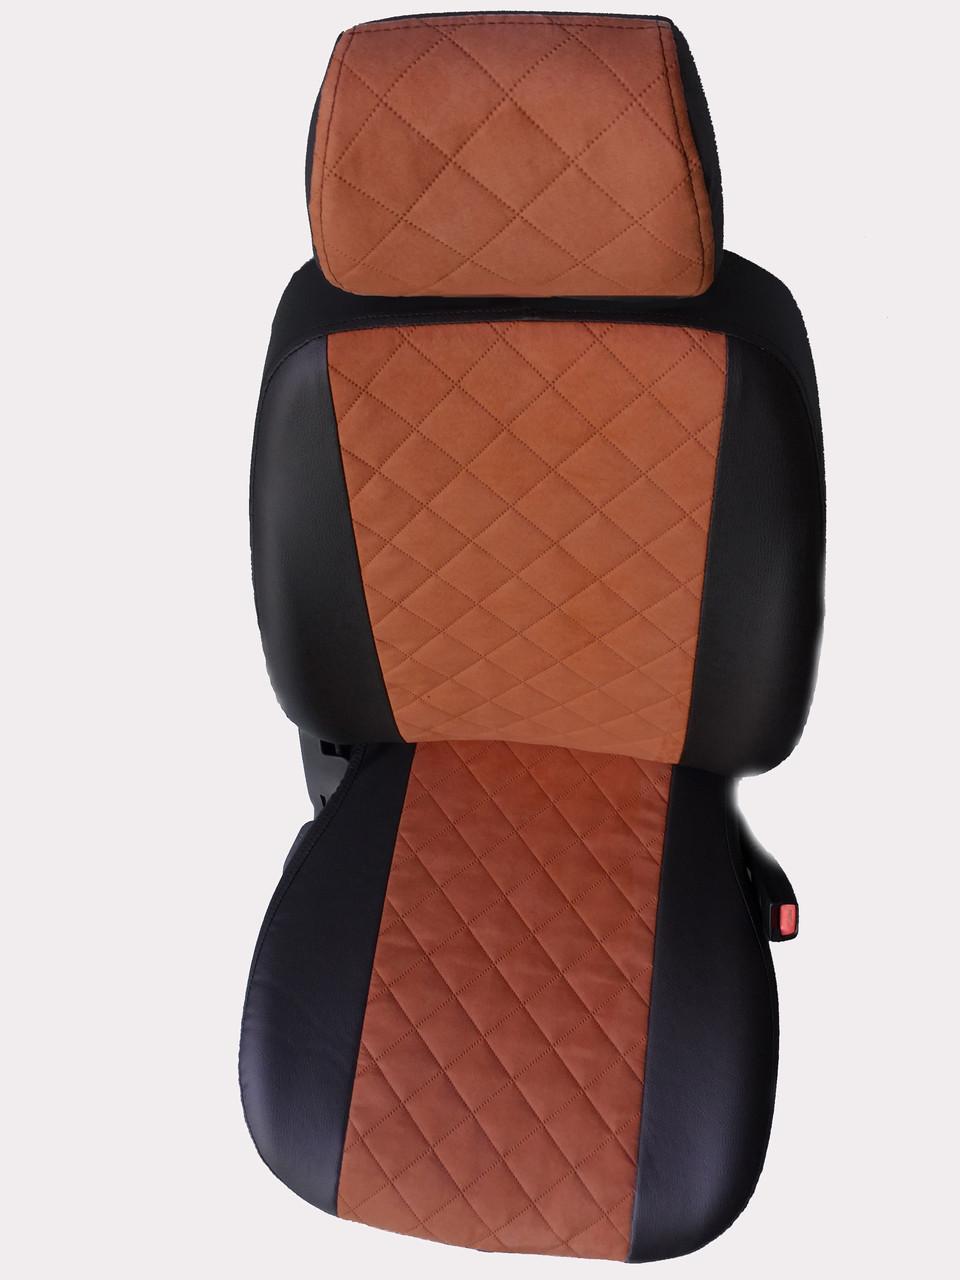 Чехлы на сиденья Шевроле Лачетти (Chevrolet Lacetti) (универсальные, экокожа+Алькантара, с отдельным подголовником)